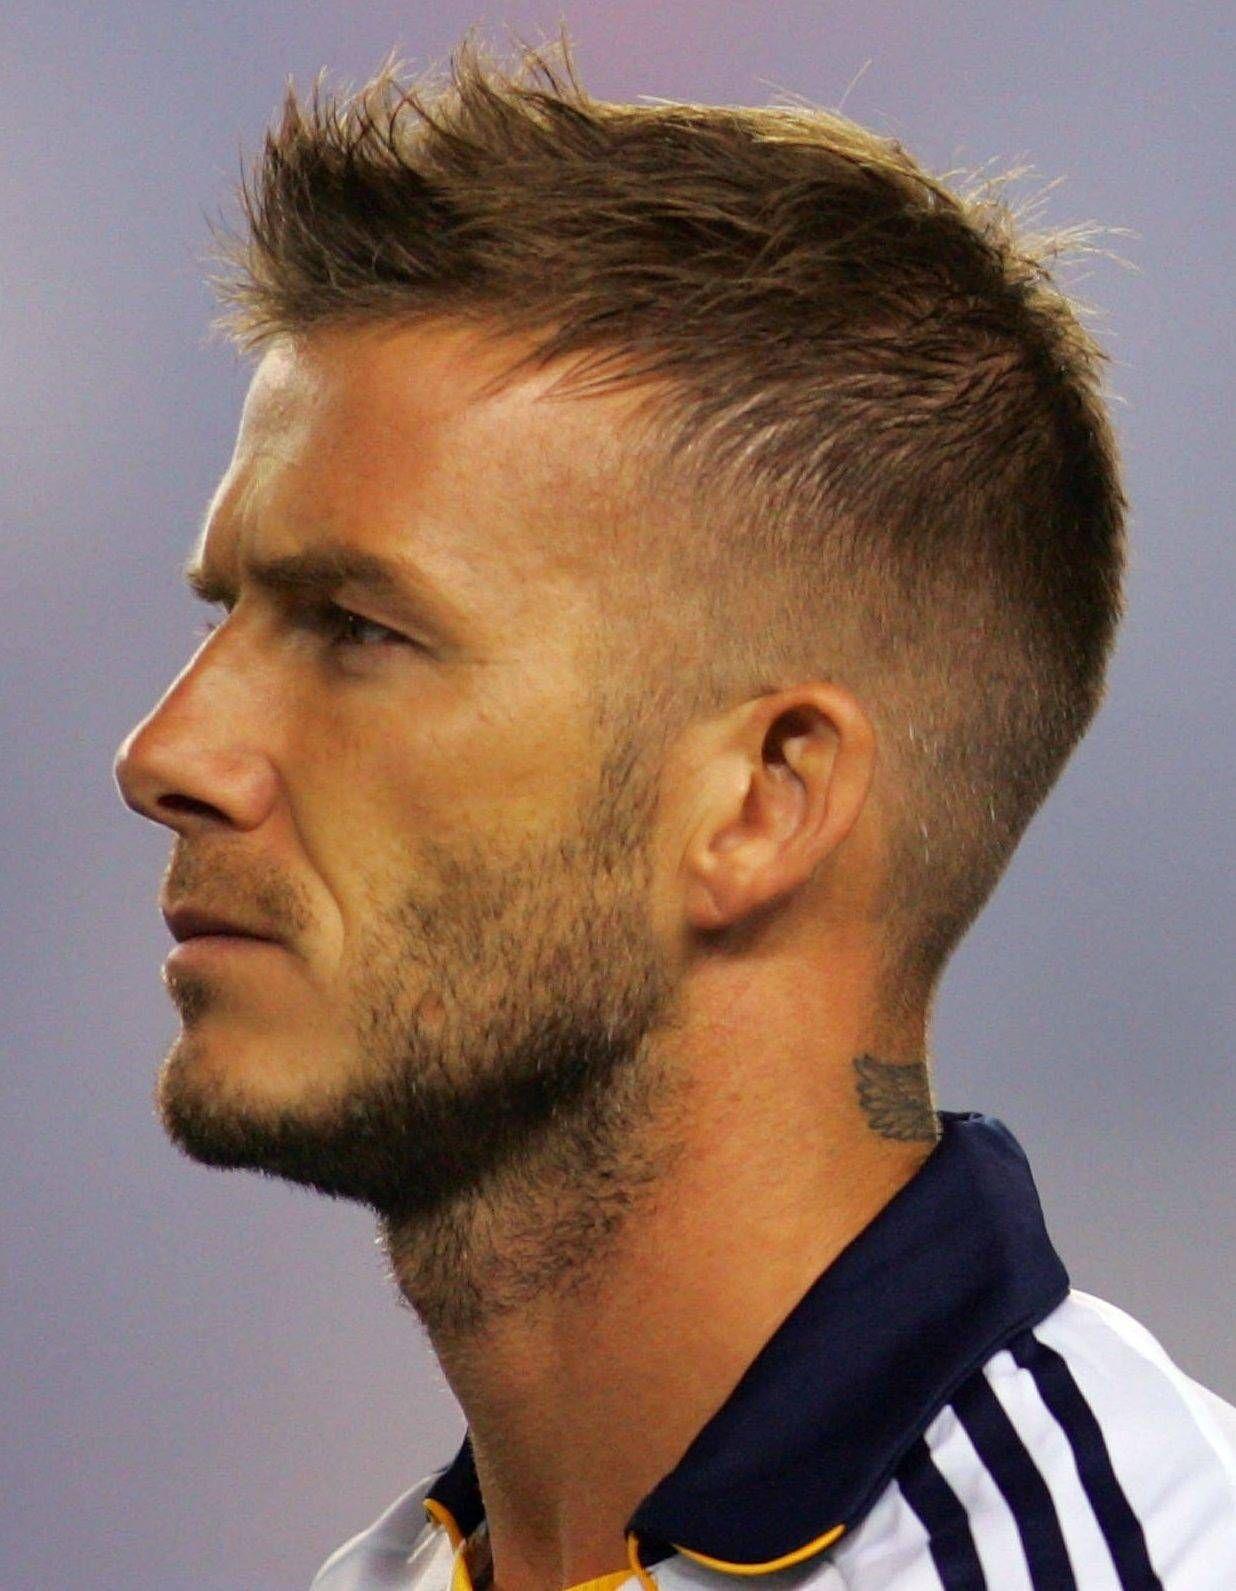 Haarschnitt boy cut